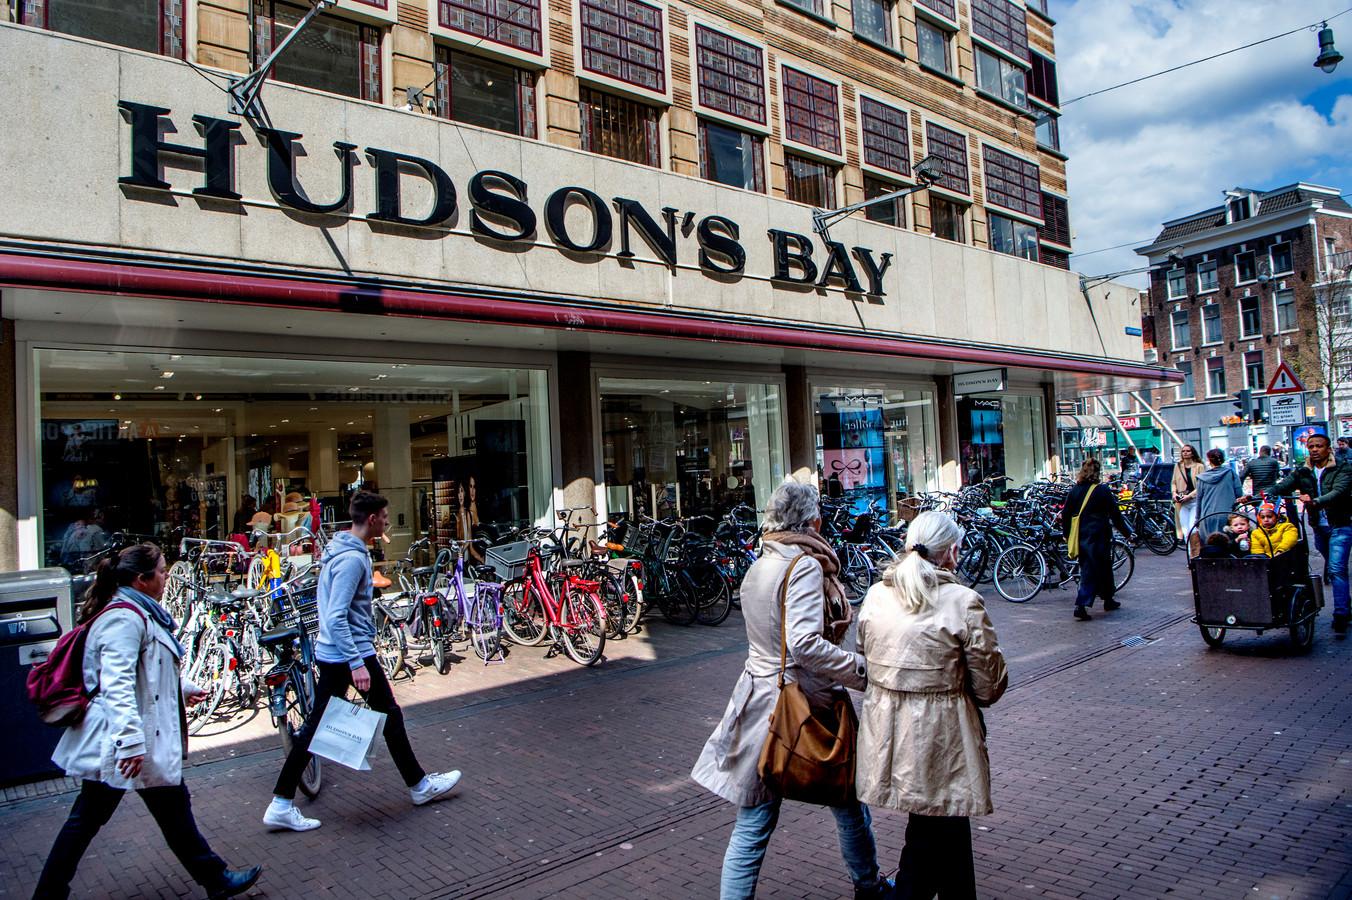 De in april 2018 geopende vestiging van Hudson's Bay in Haarlem